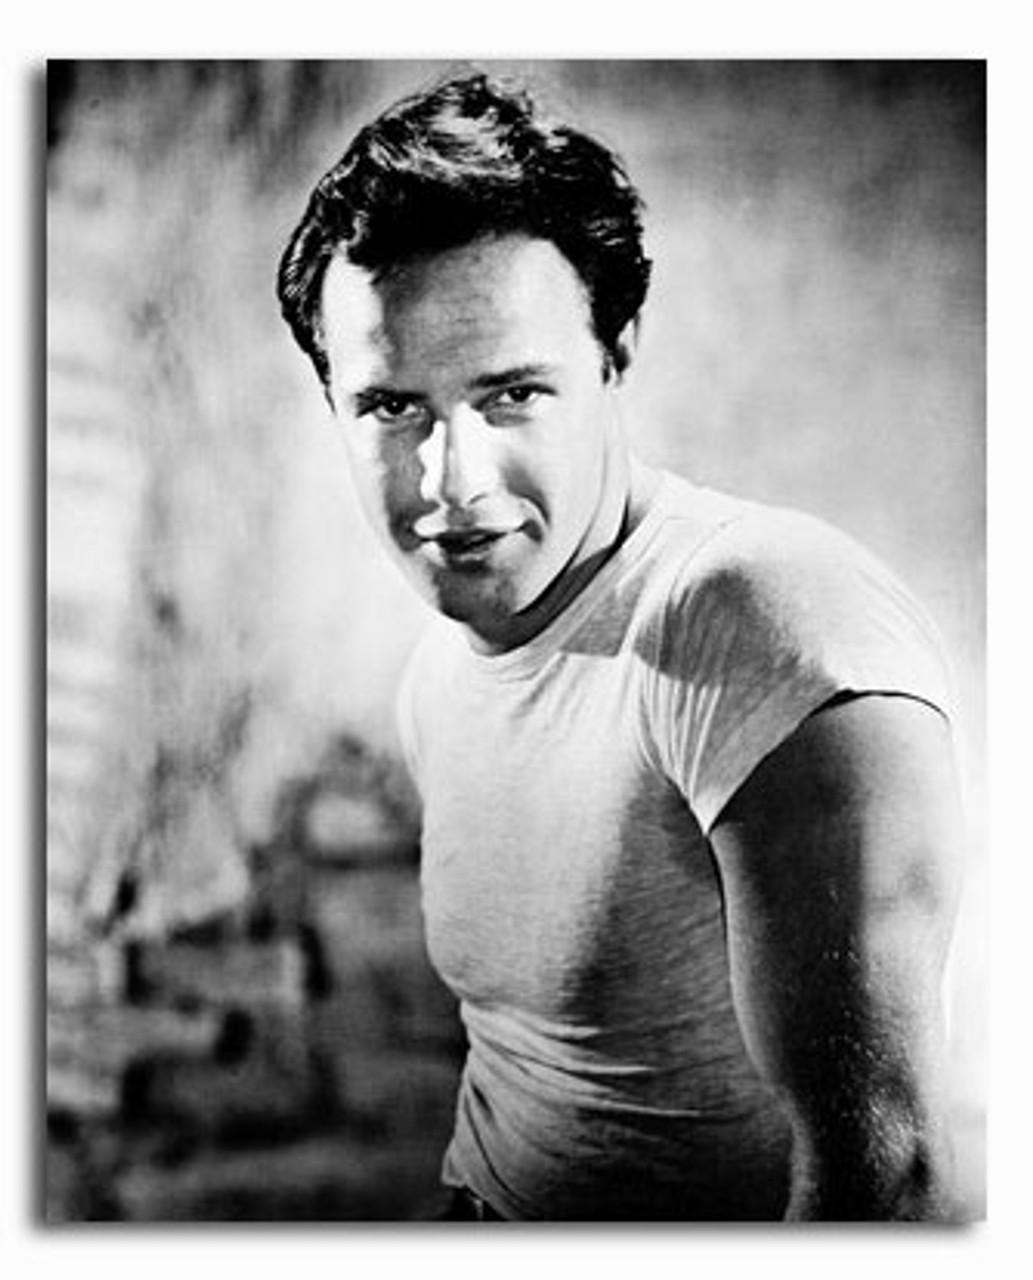 SS2197676) Filmbild von Marlon Brando Kaufen Sie Promi-Fotos und Poster bei  Starstills.com